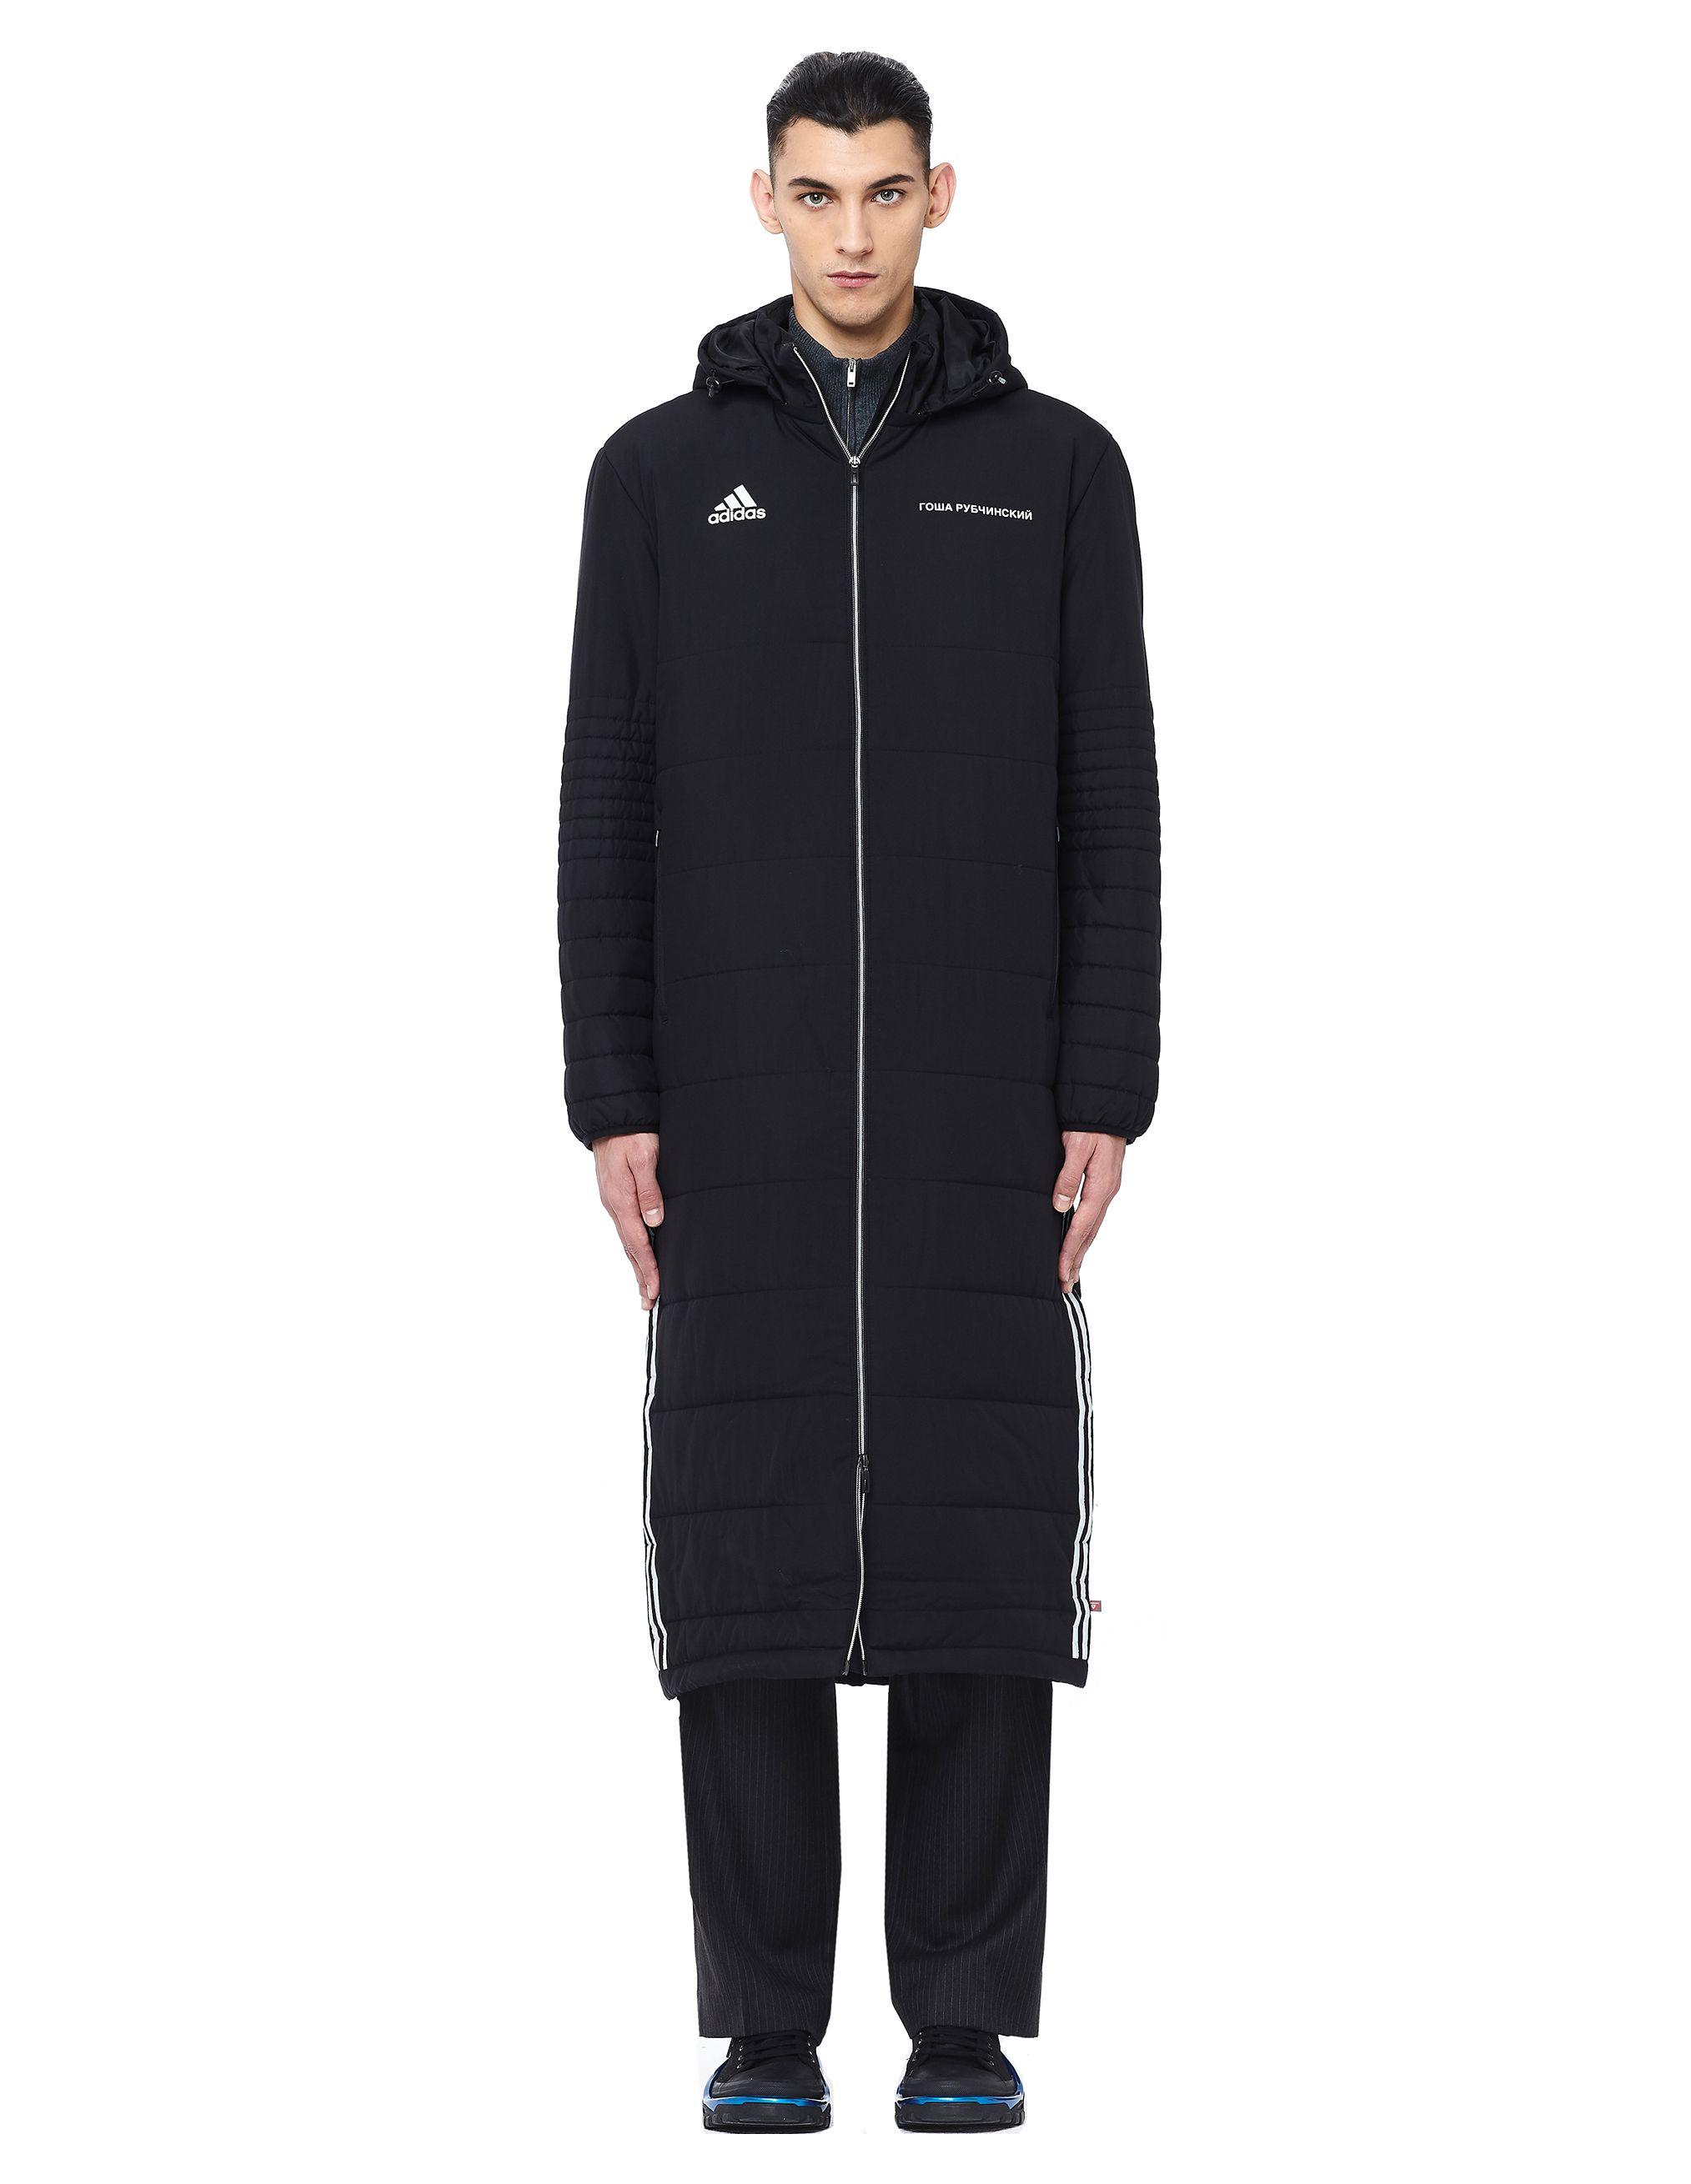 Gosha Rubchinskiy Adidas Padded Coat Gosharubchinskiy Cloth Black Adidas Coat Gosha Rubchinskiy